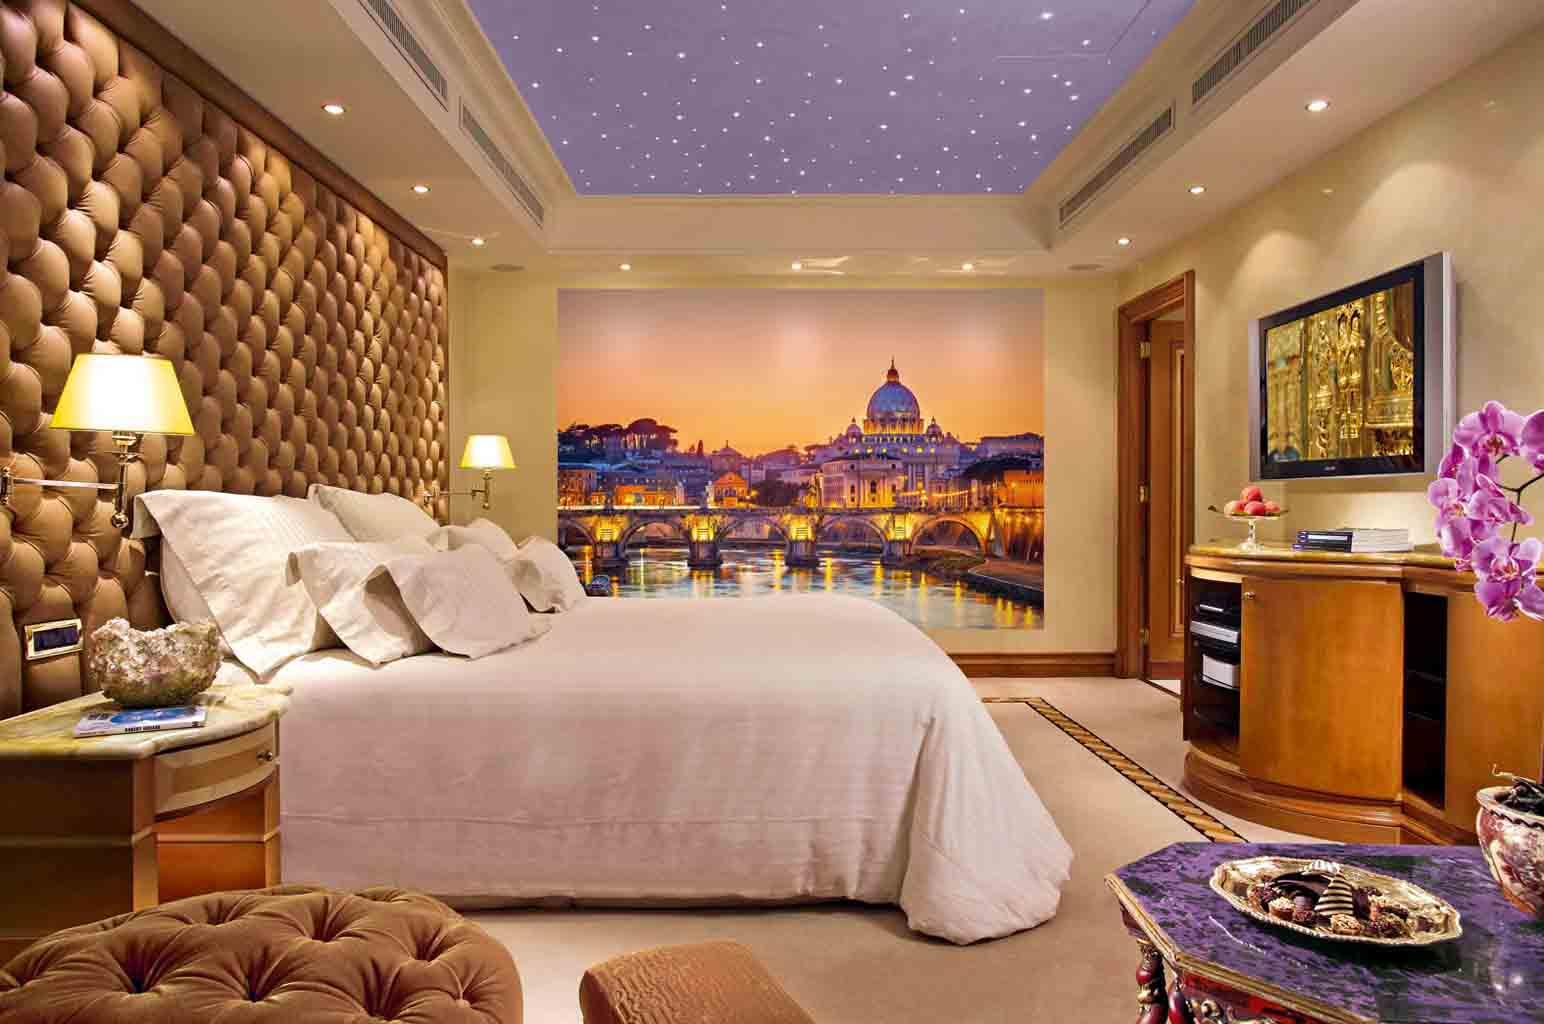 Фотообои в сиренево-золотистых тонах в спальне